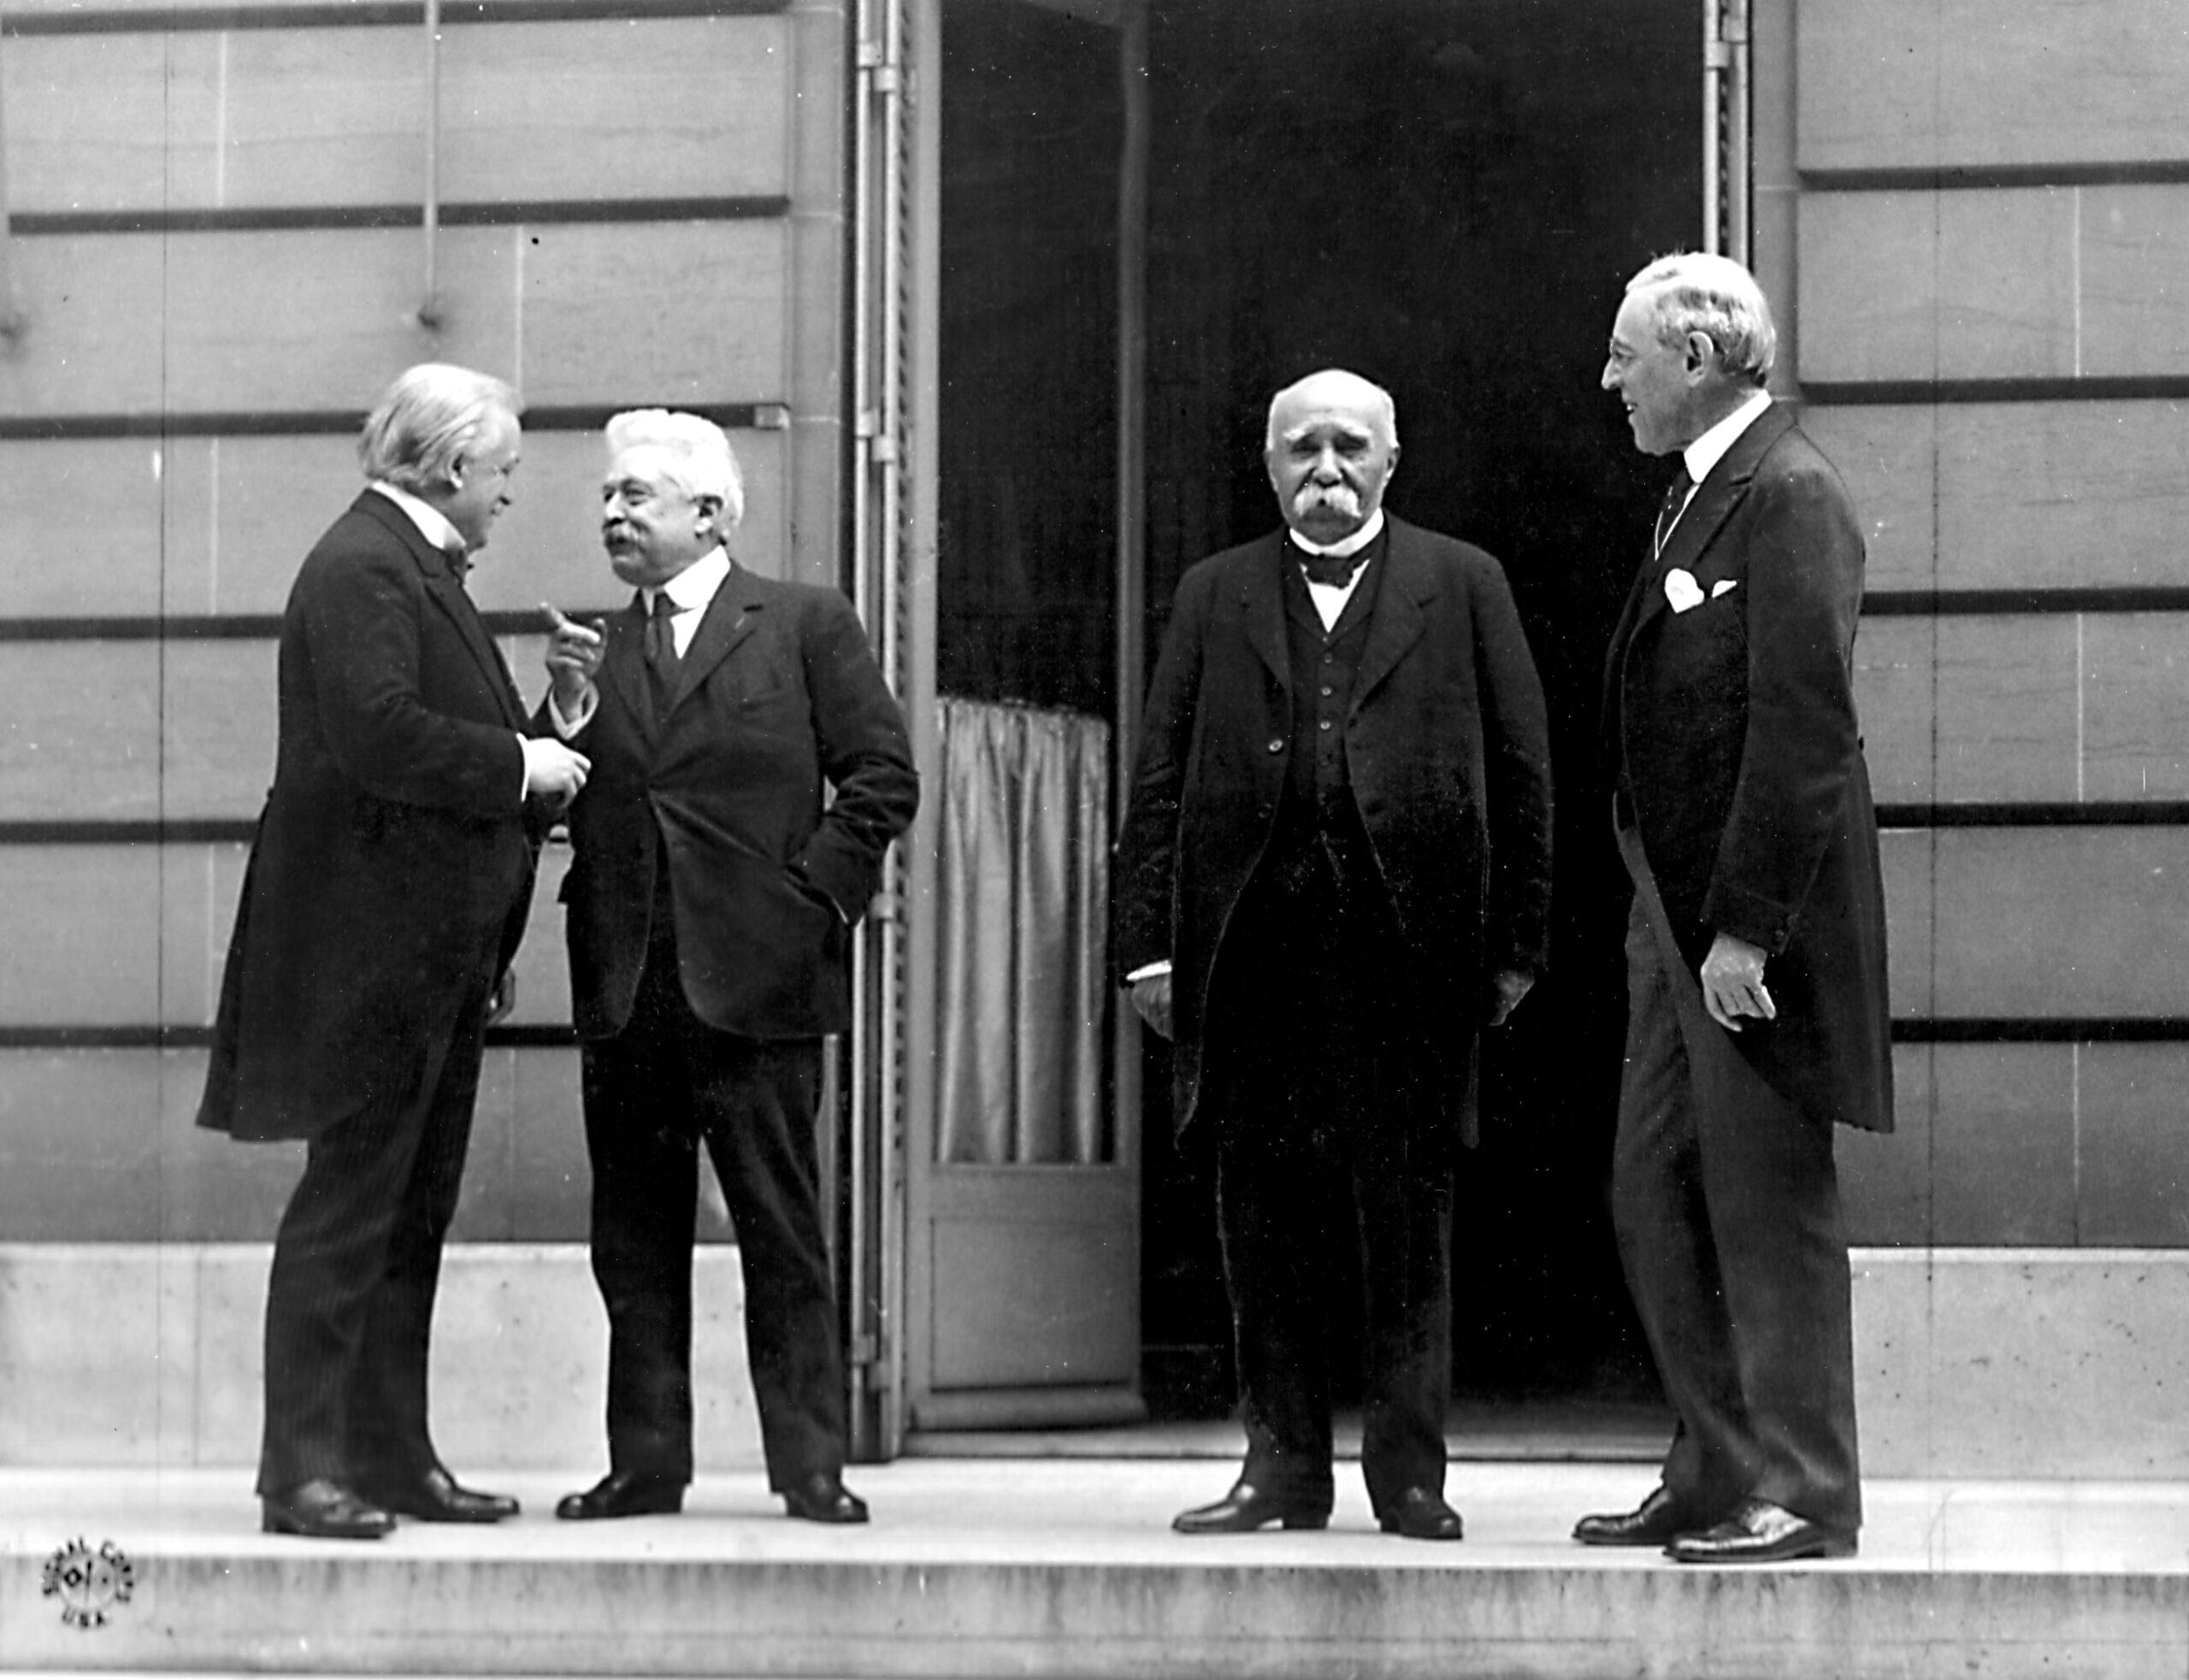 """I """"quattro grandi"""" alla Conferenza di pace di Parigi: da sinistra, David Lloyd George (Impero britannico), Vittorio Emanuele Orlando (Regno d'Italia), Georges Clemenceau (Francia) e Woodrow Wilson (USA)"""